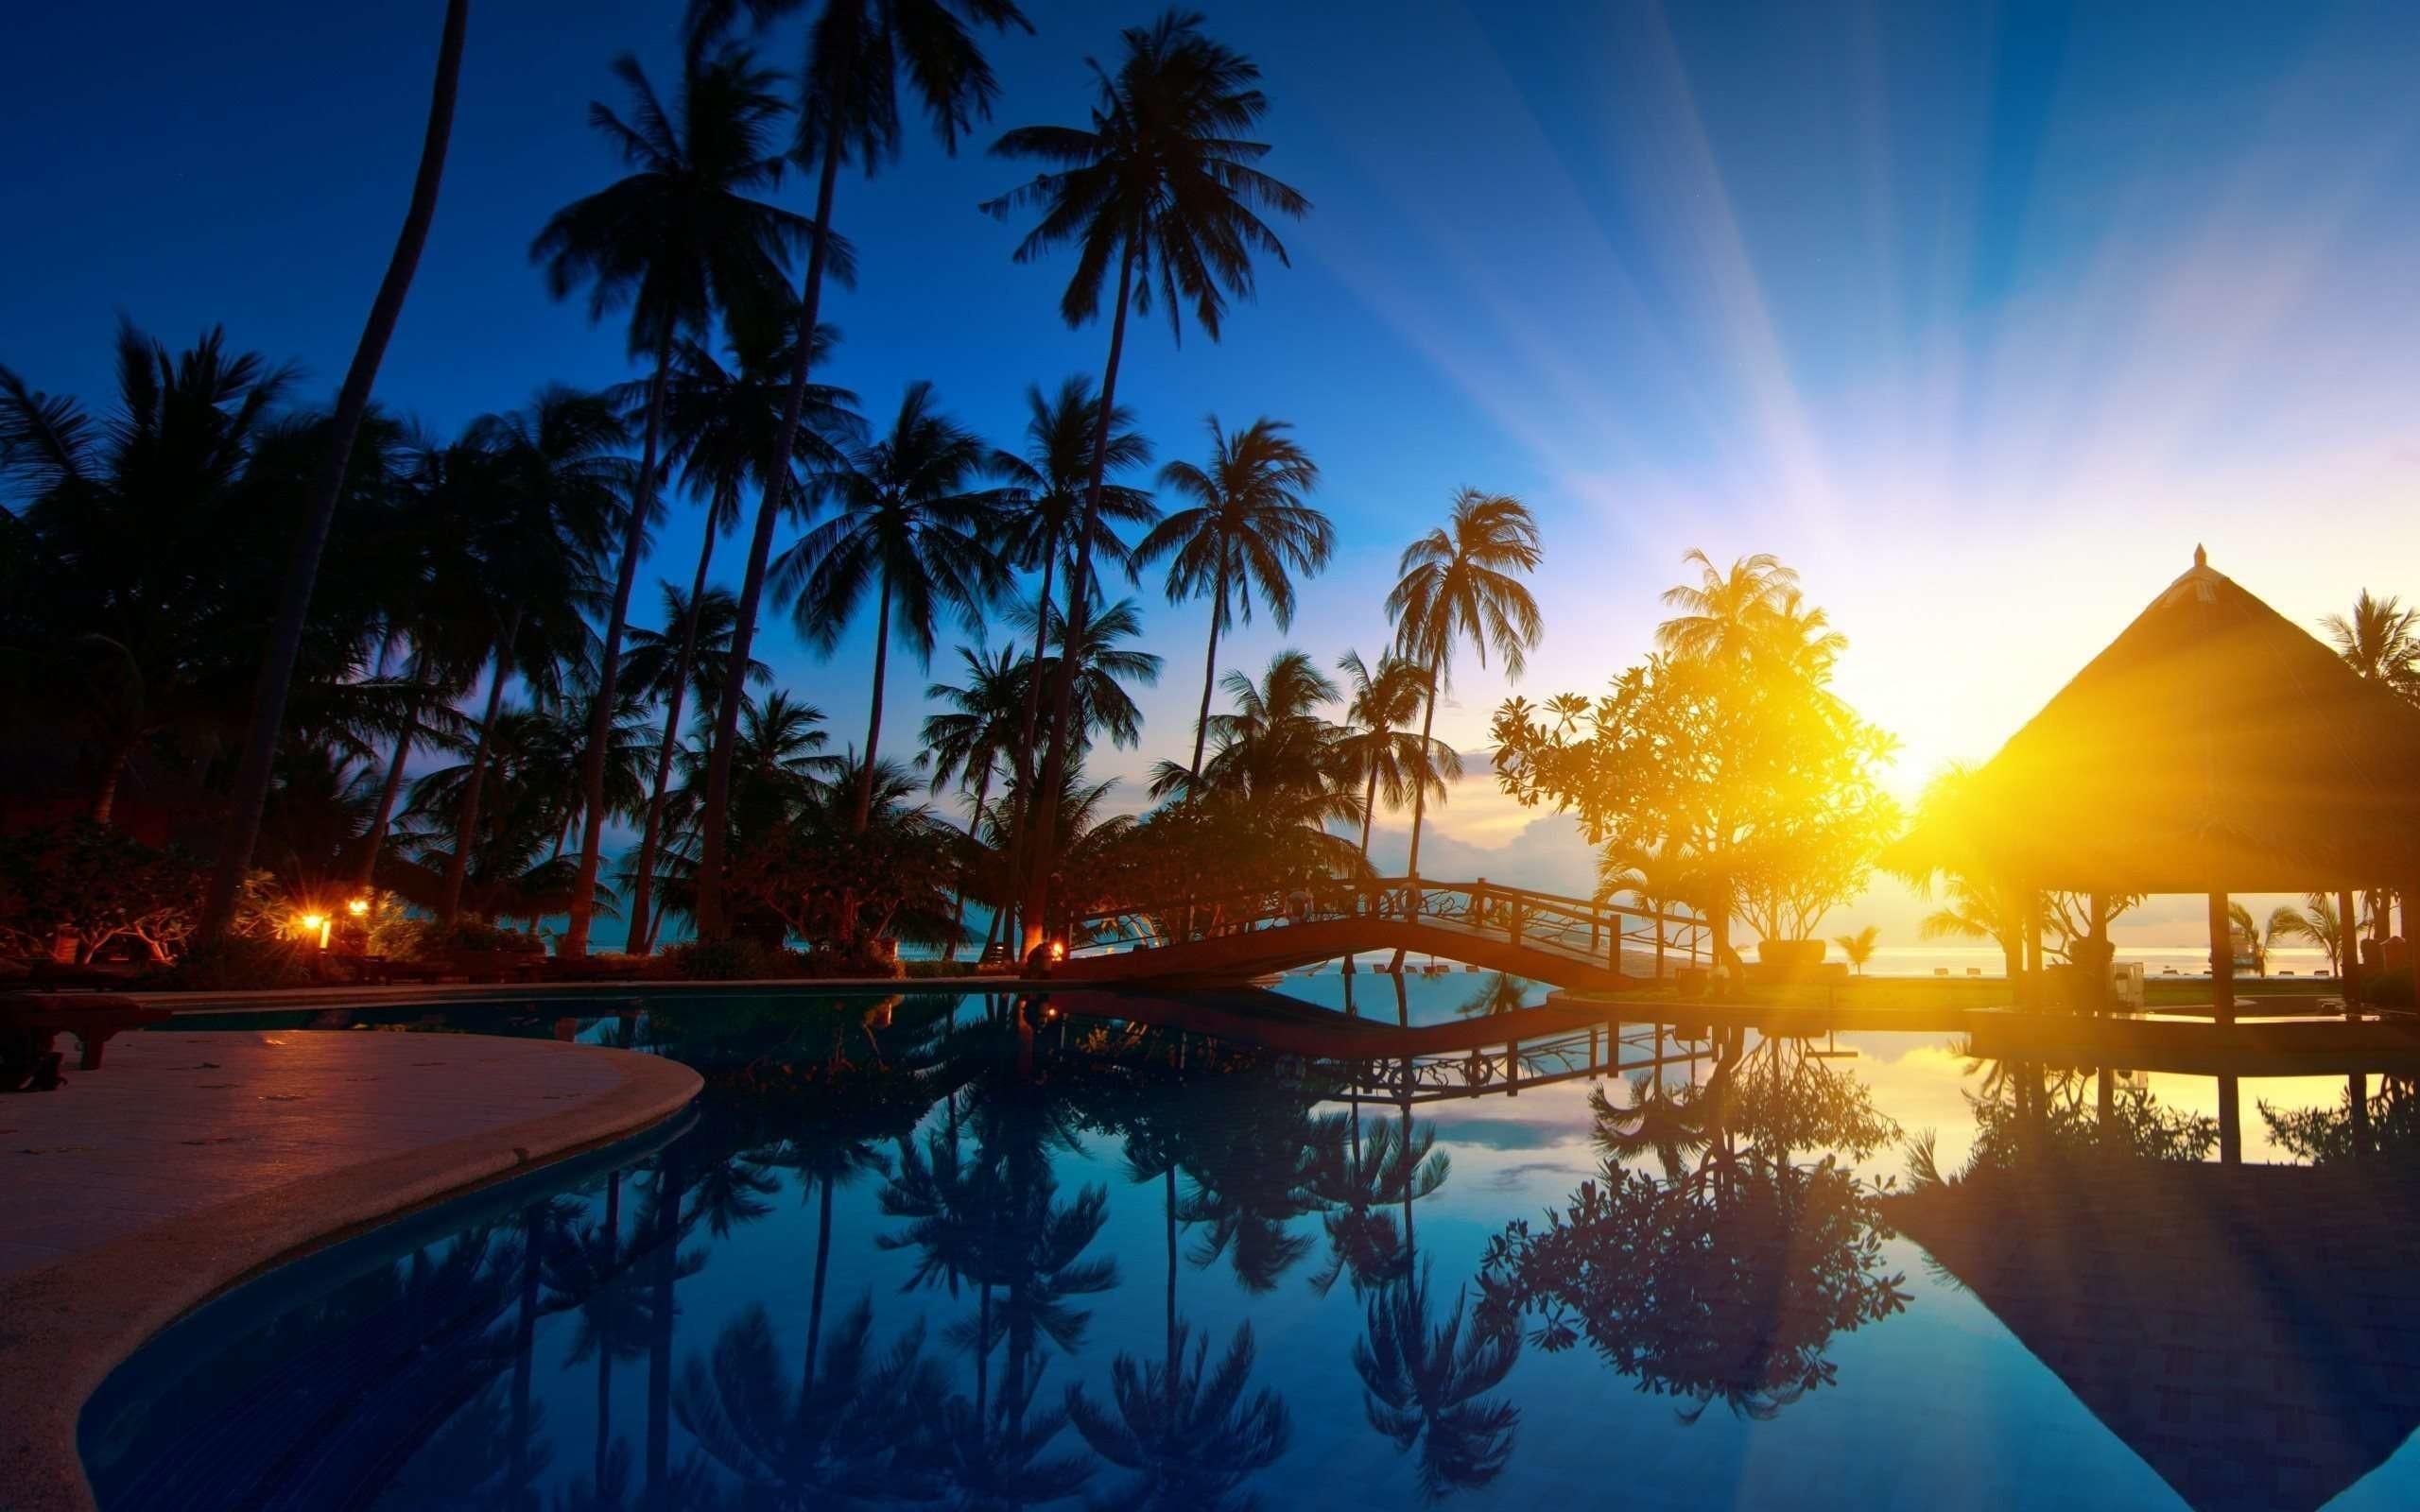 Thailand Resort HD Widescreen Wallpaper